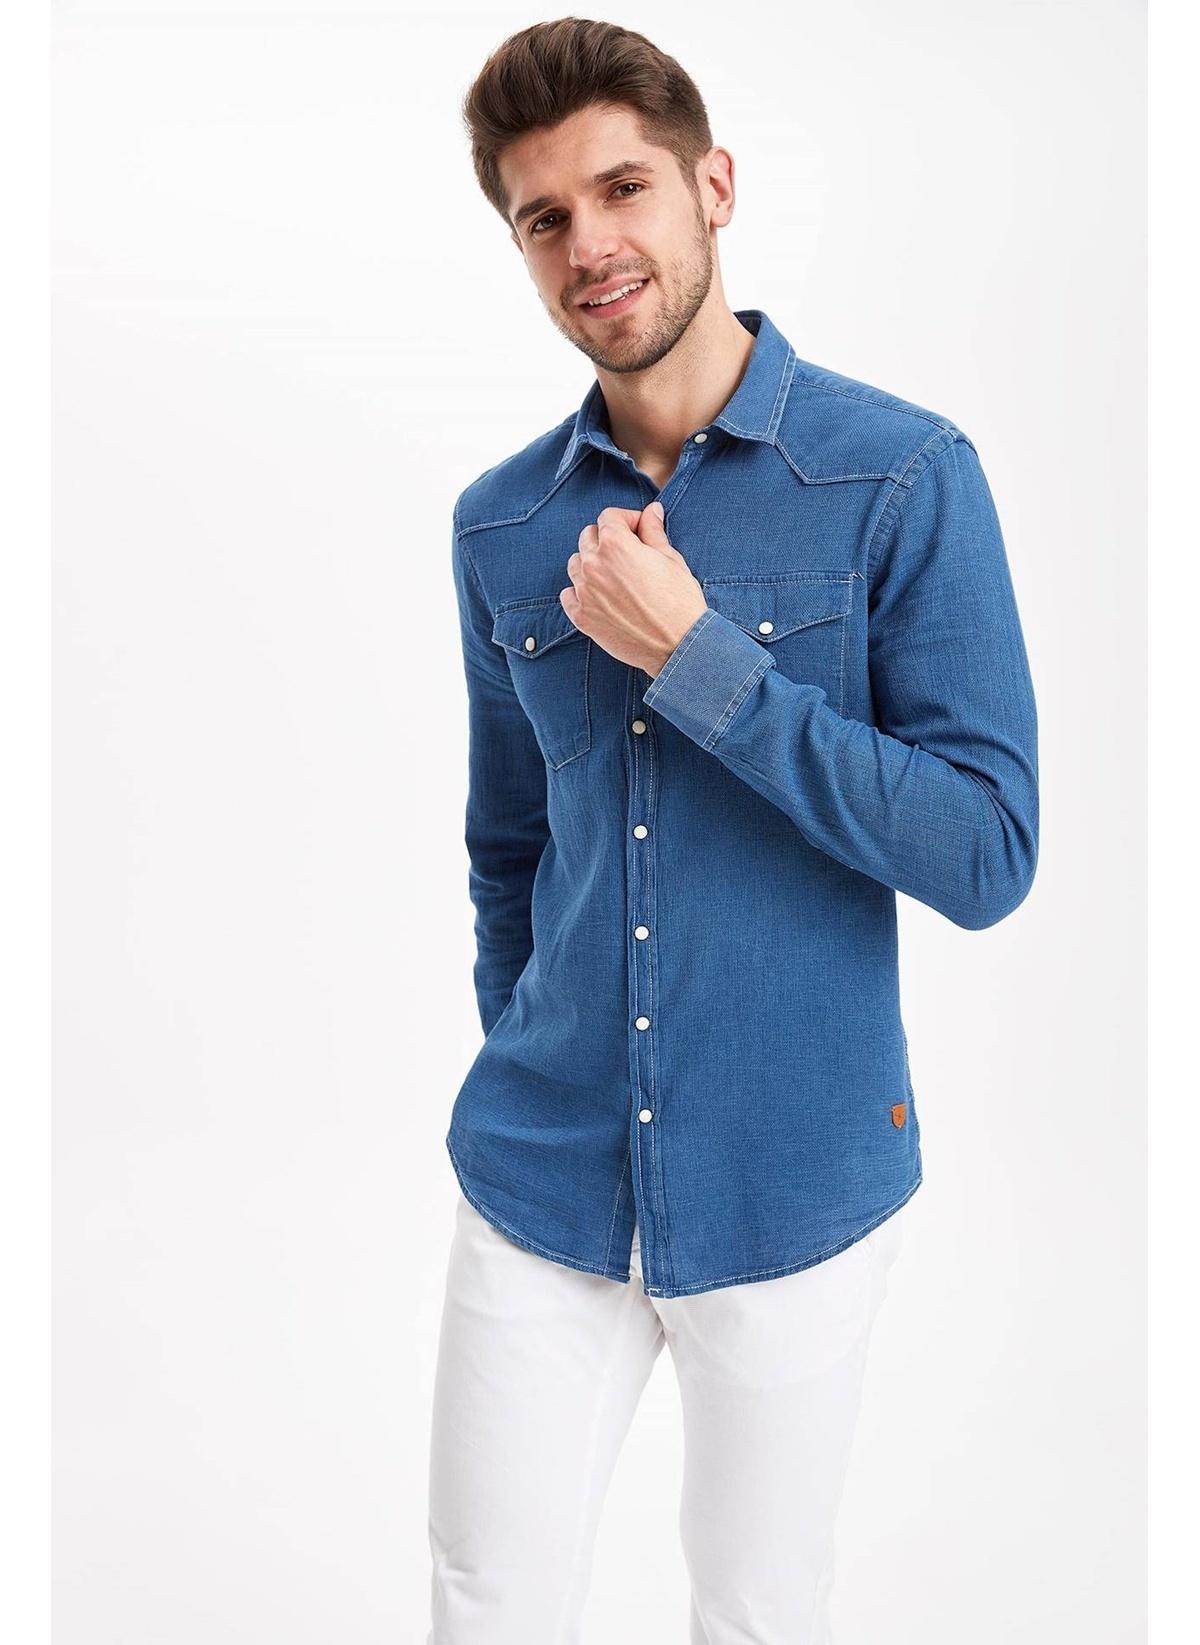 Defacto Çift Cepli Slim Fit Gömlek J8814az19spbe393 Gömlek – 99.99 TL